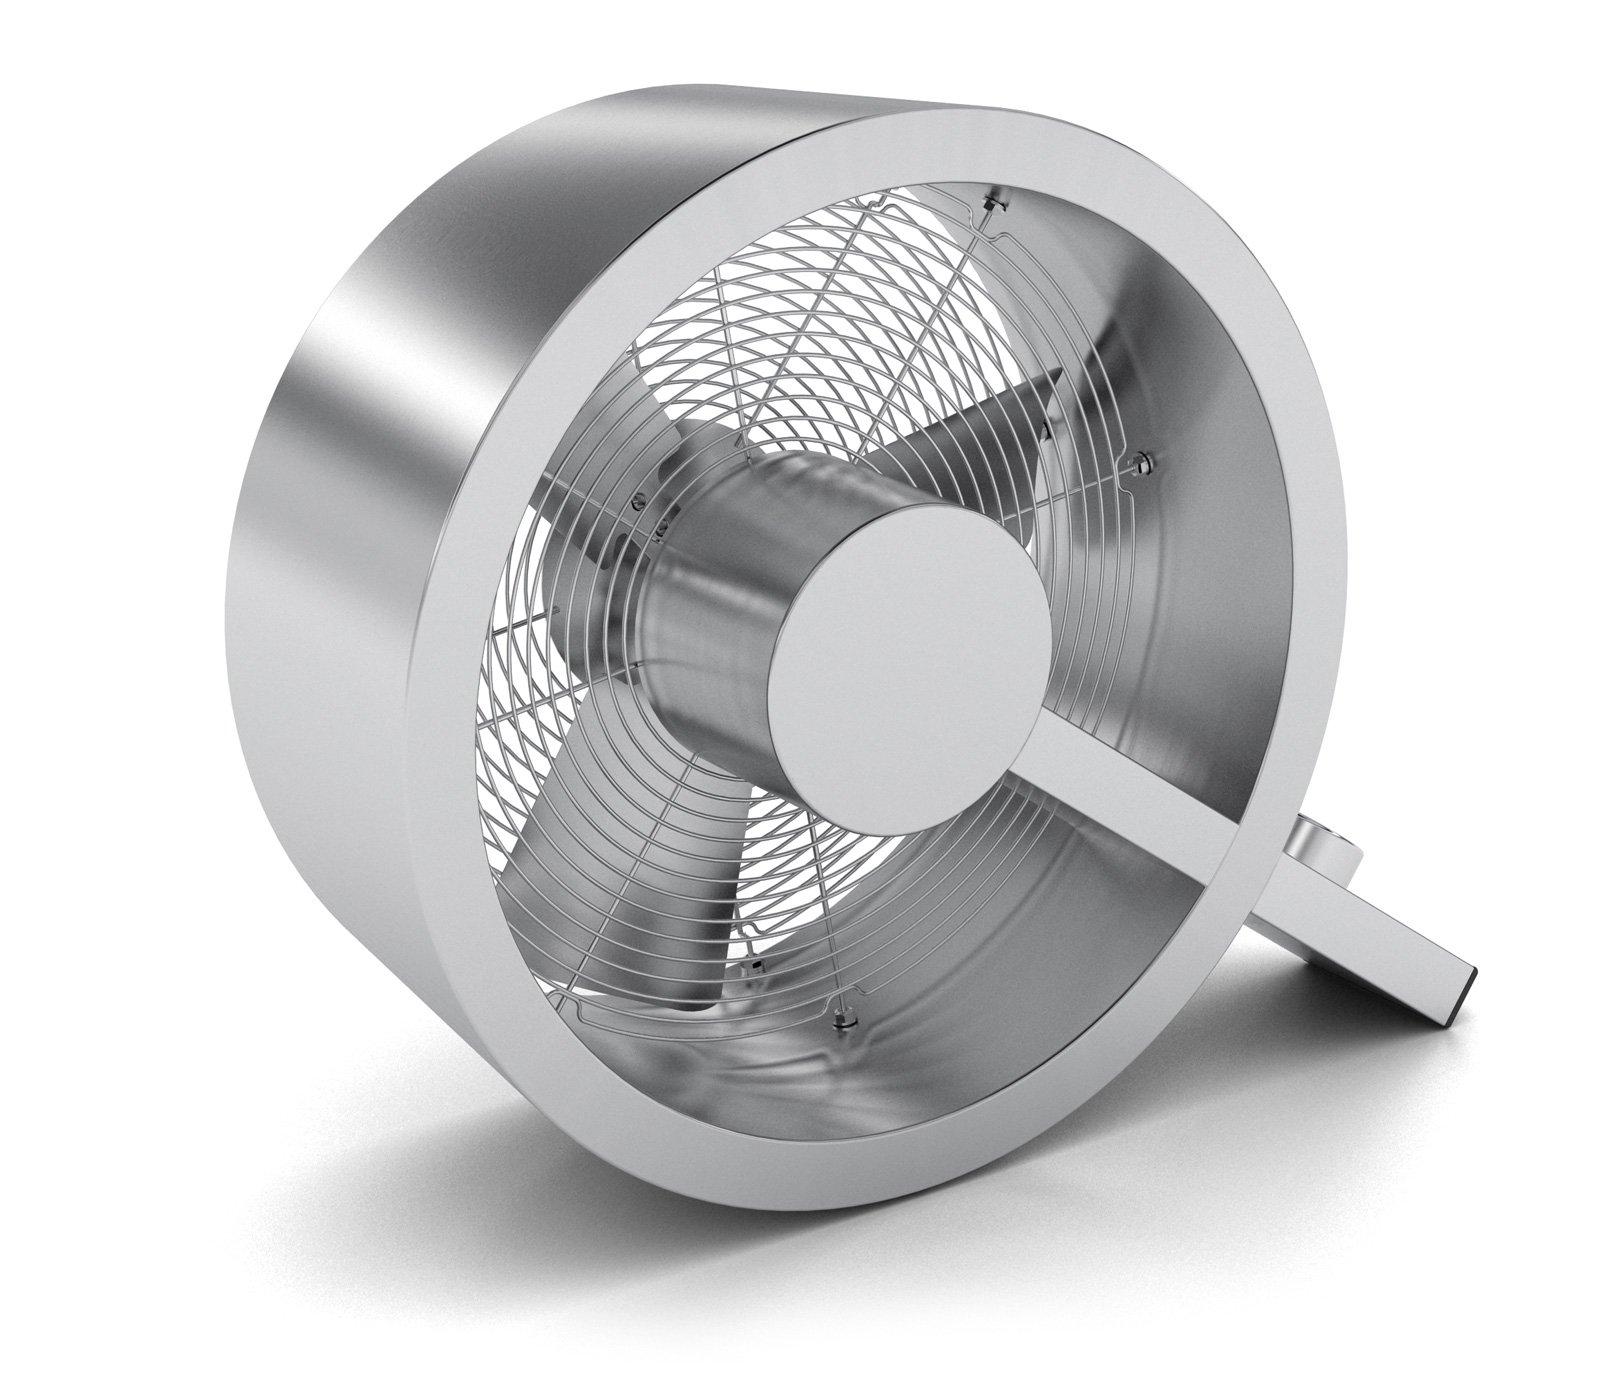 Ventilatori da tavolo e da terra. Una brezza alla portata di tutti - Cose di Casa